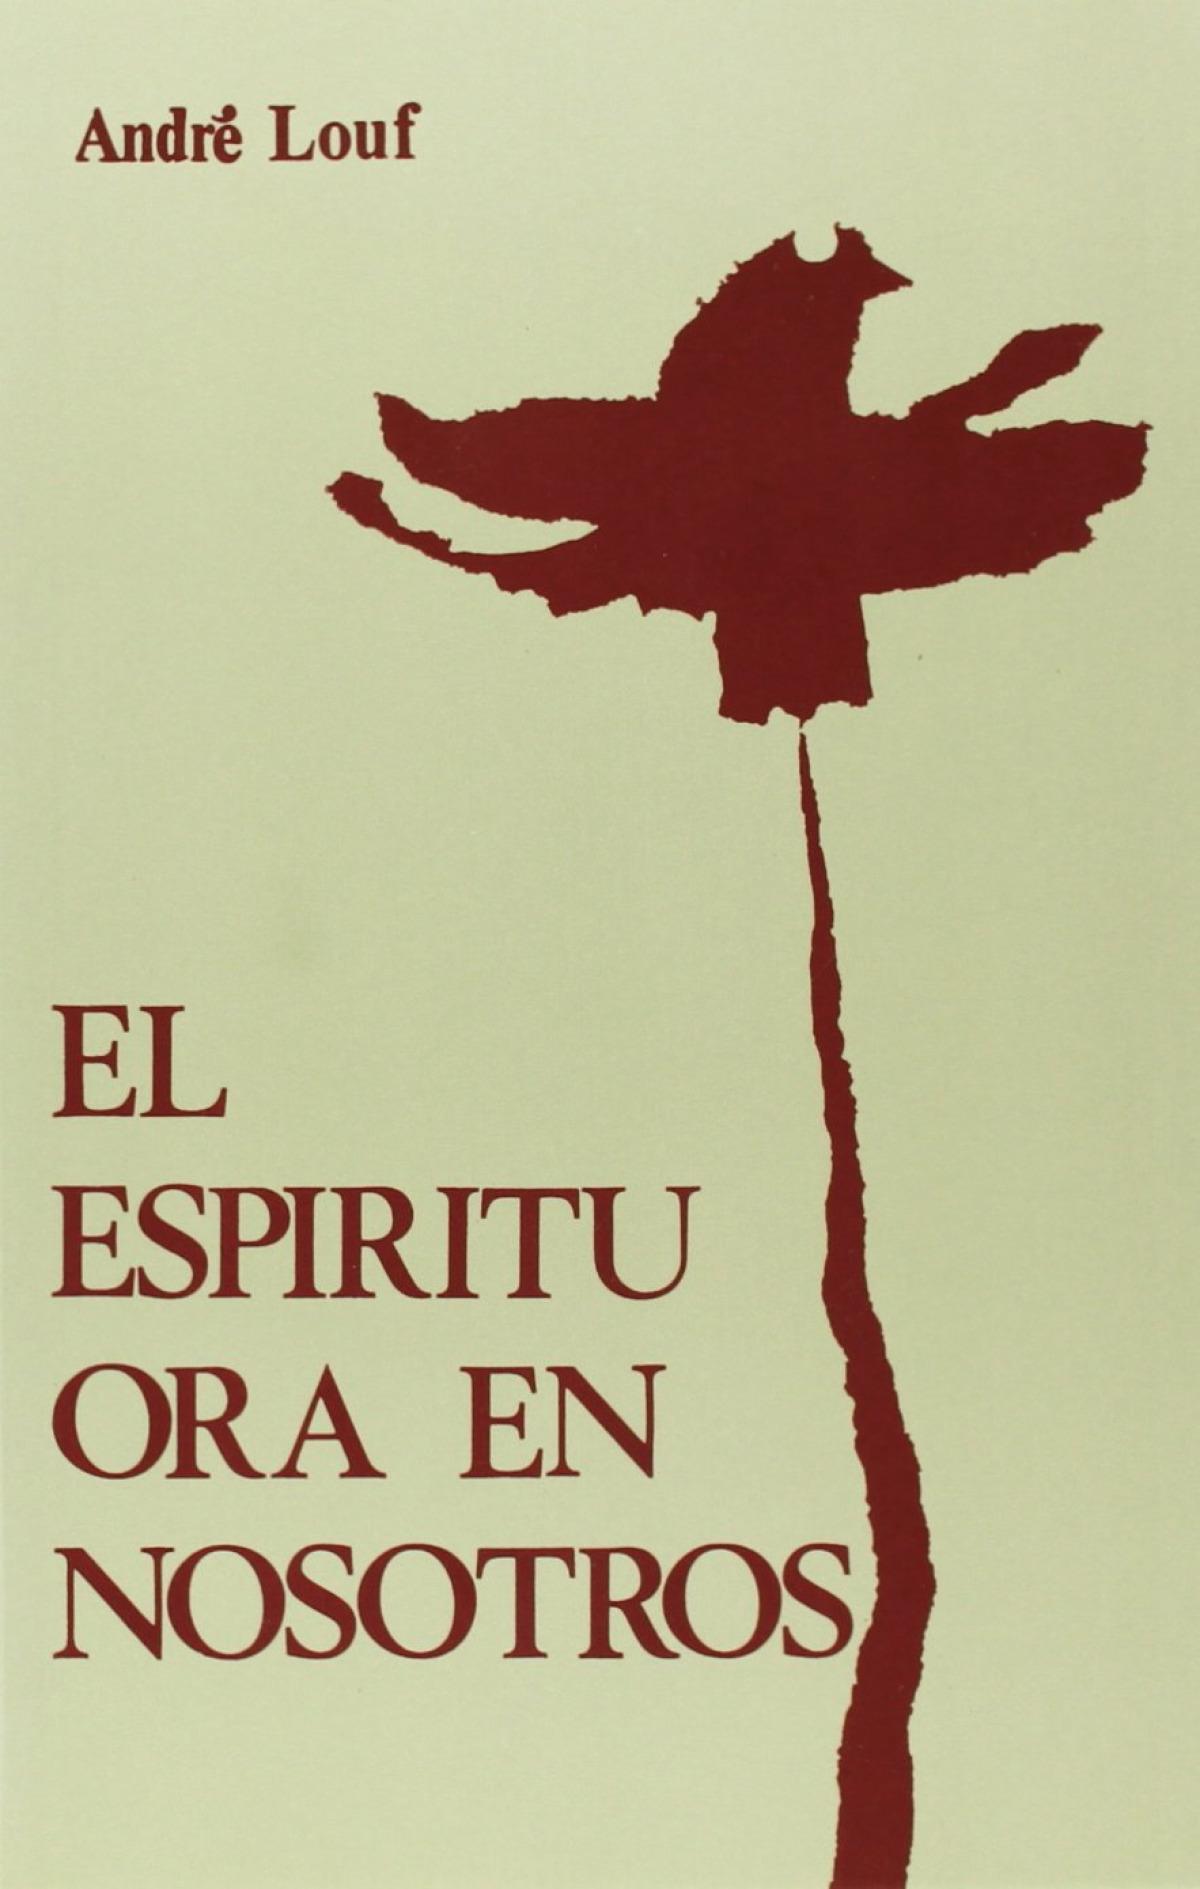 ESPIRITU ORA EN NOSOTROS